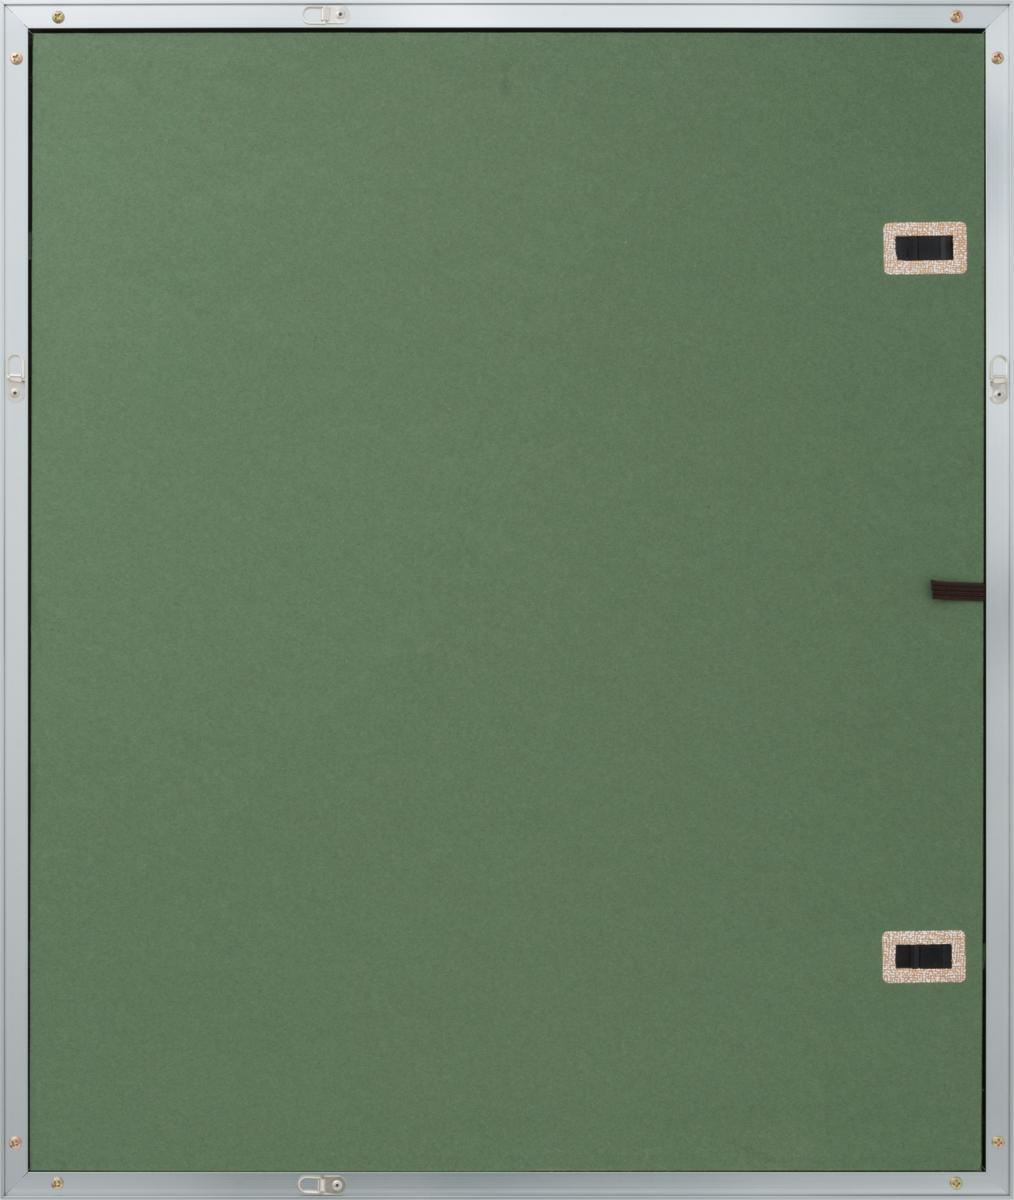 油絵額縁 油彩額縁 アルミフレーム 受注生産品 DA-603 シルバー マットC サイズM12号_画像3